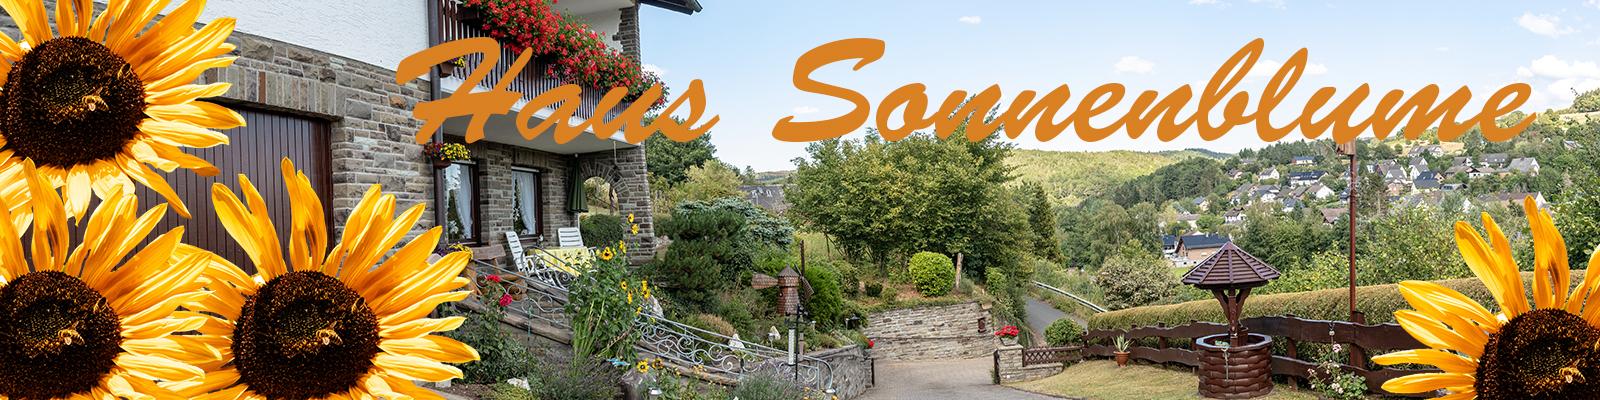 Ferienhaus Sonnenblume Schönau